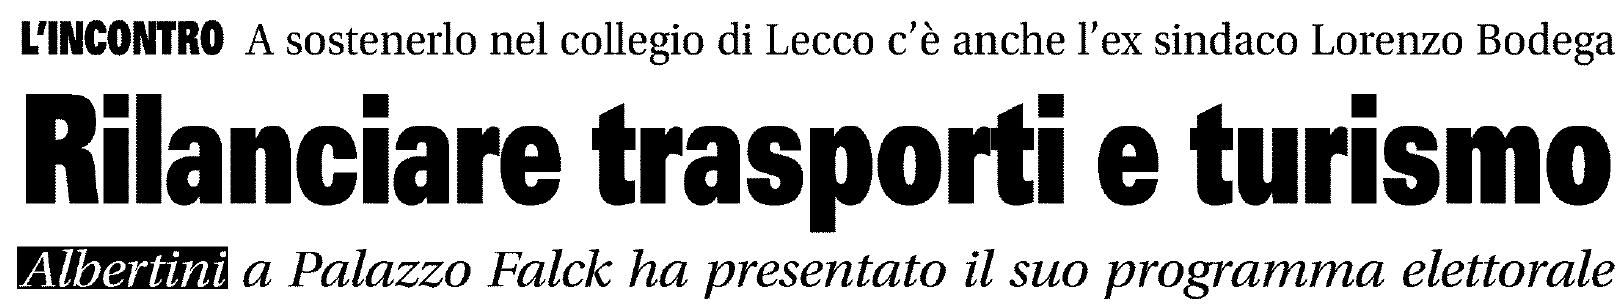 Giornale di Lecco